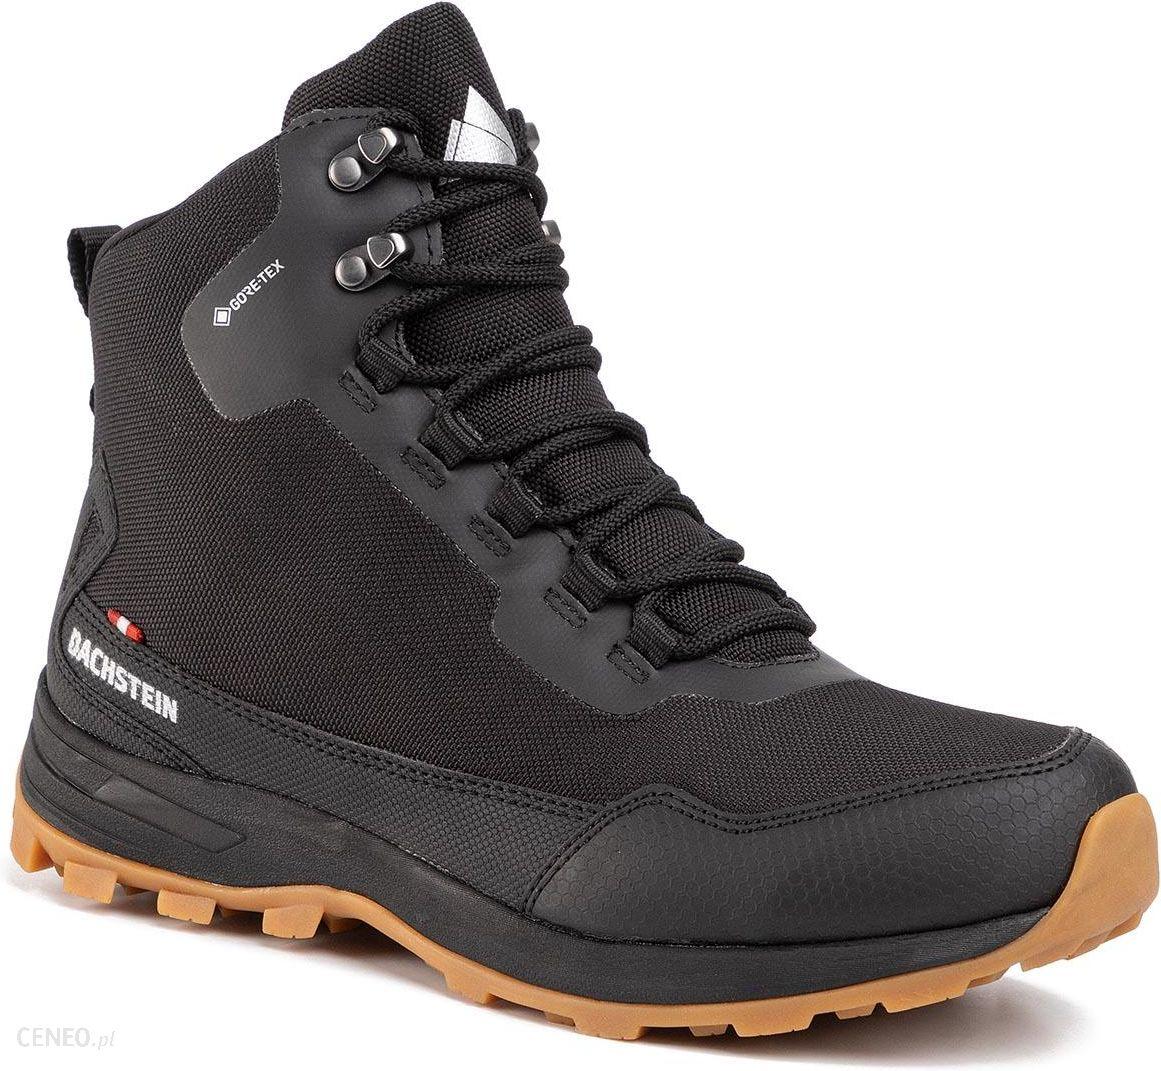 Buty Trekkingowe Dachstein Maverick Gtx Gore Tex 311860 1000 1300 Black Ceny I Opinie Ceneo Pl